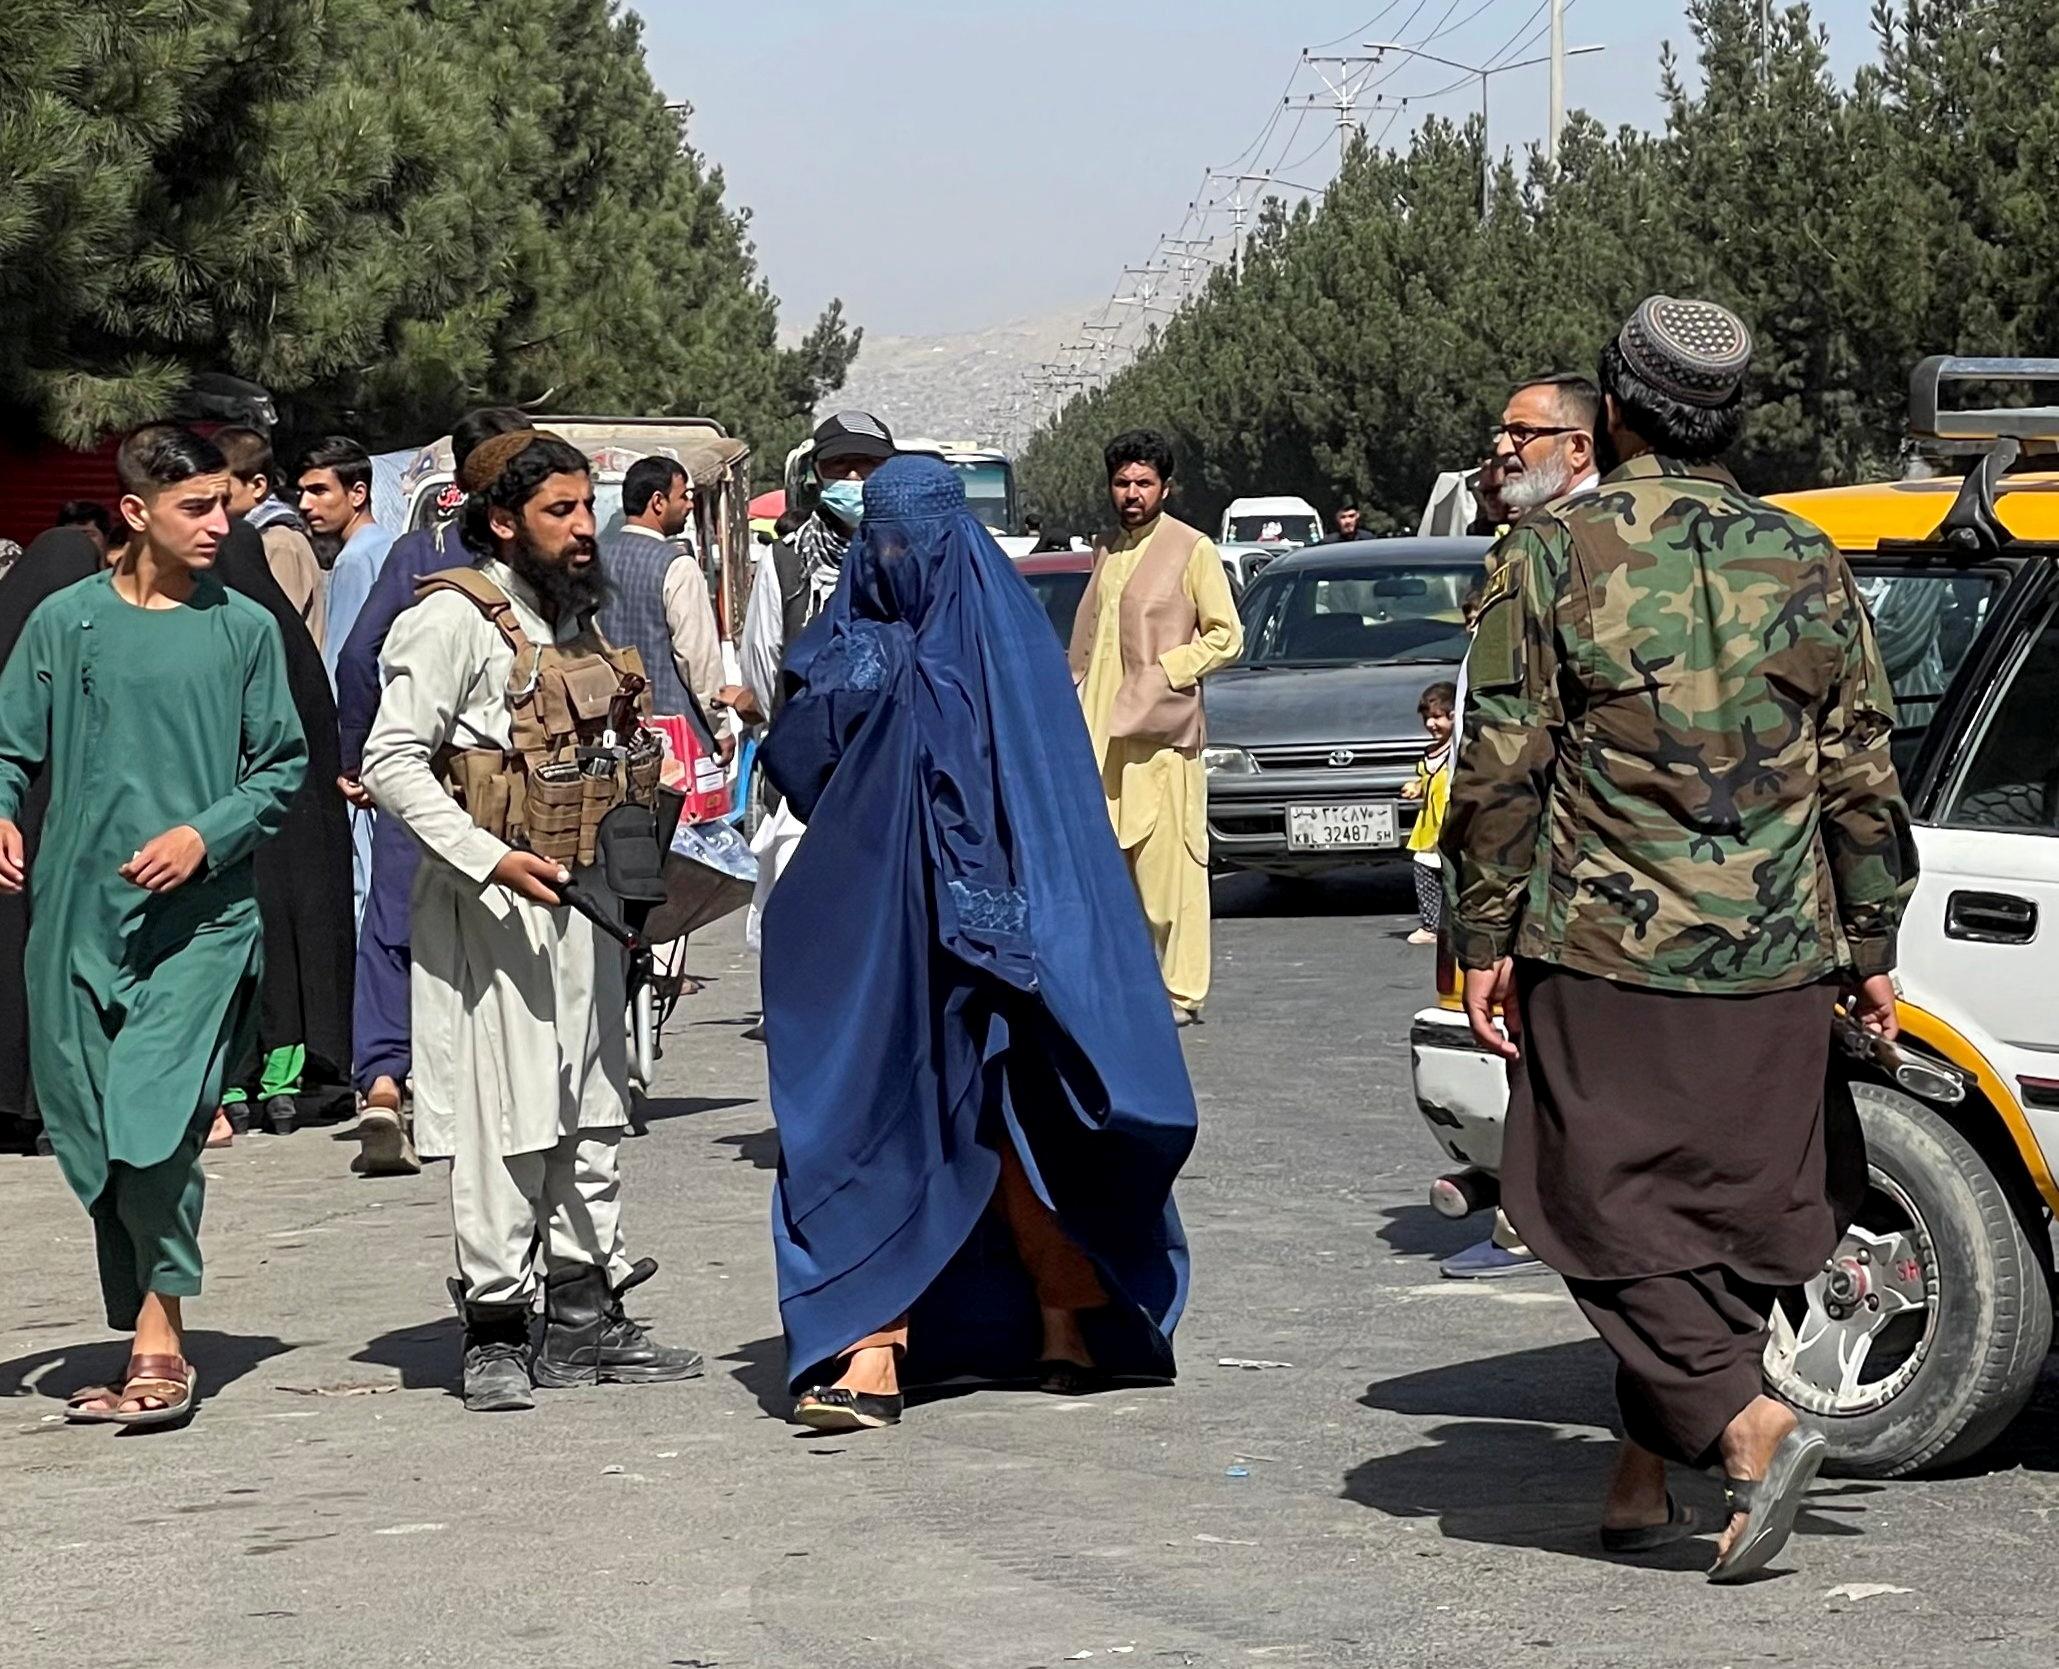 Η Γαλλία διαψεύδει οποιαδήποτε σχέση με την κυβέρνηση των Ταλιμπάν